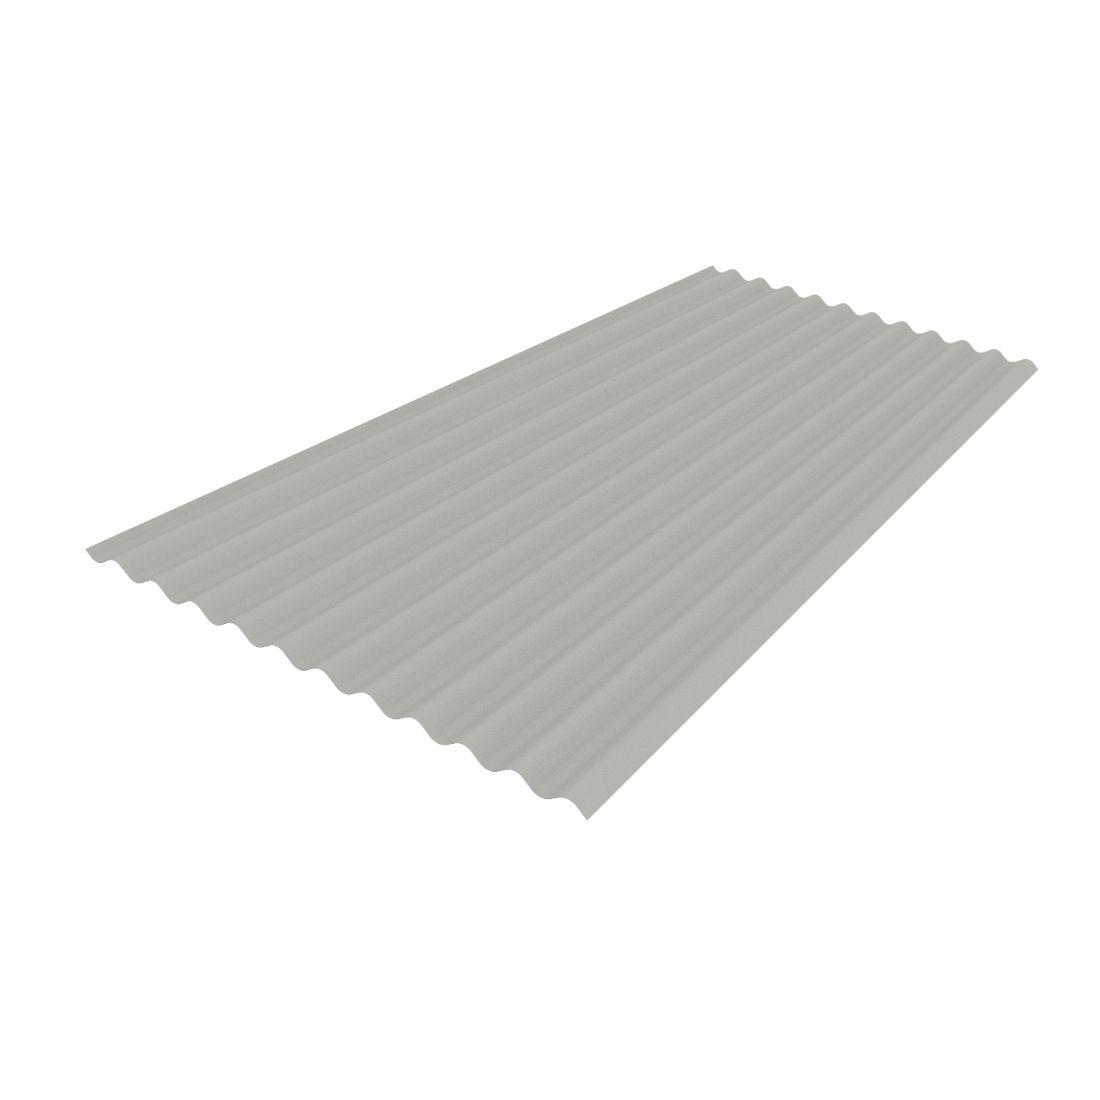 Corrugate Galvanised 0.40 BMT 2.4m